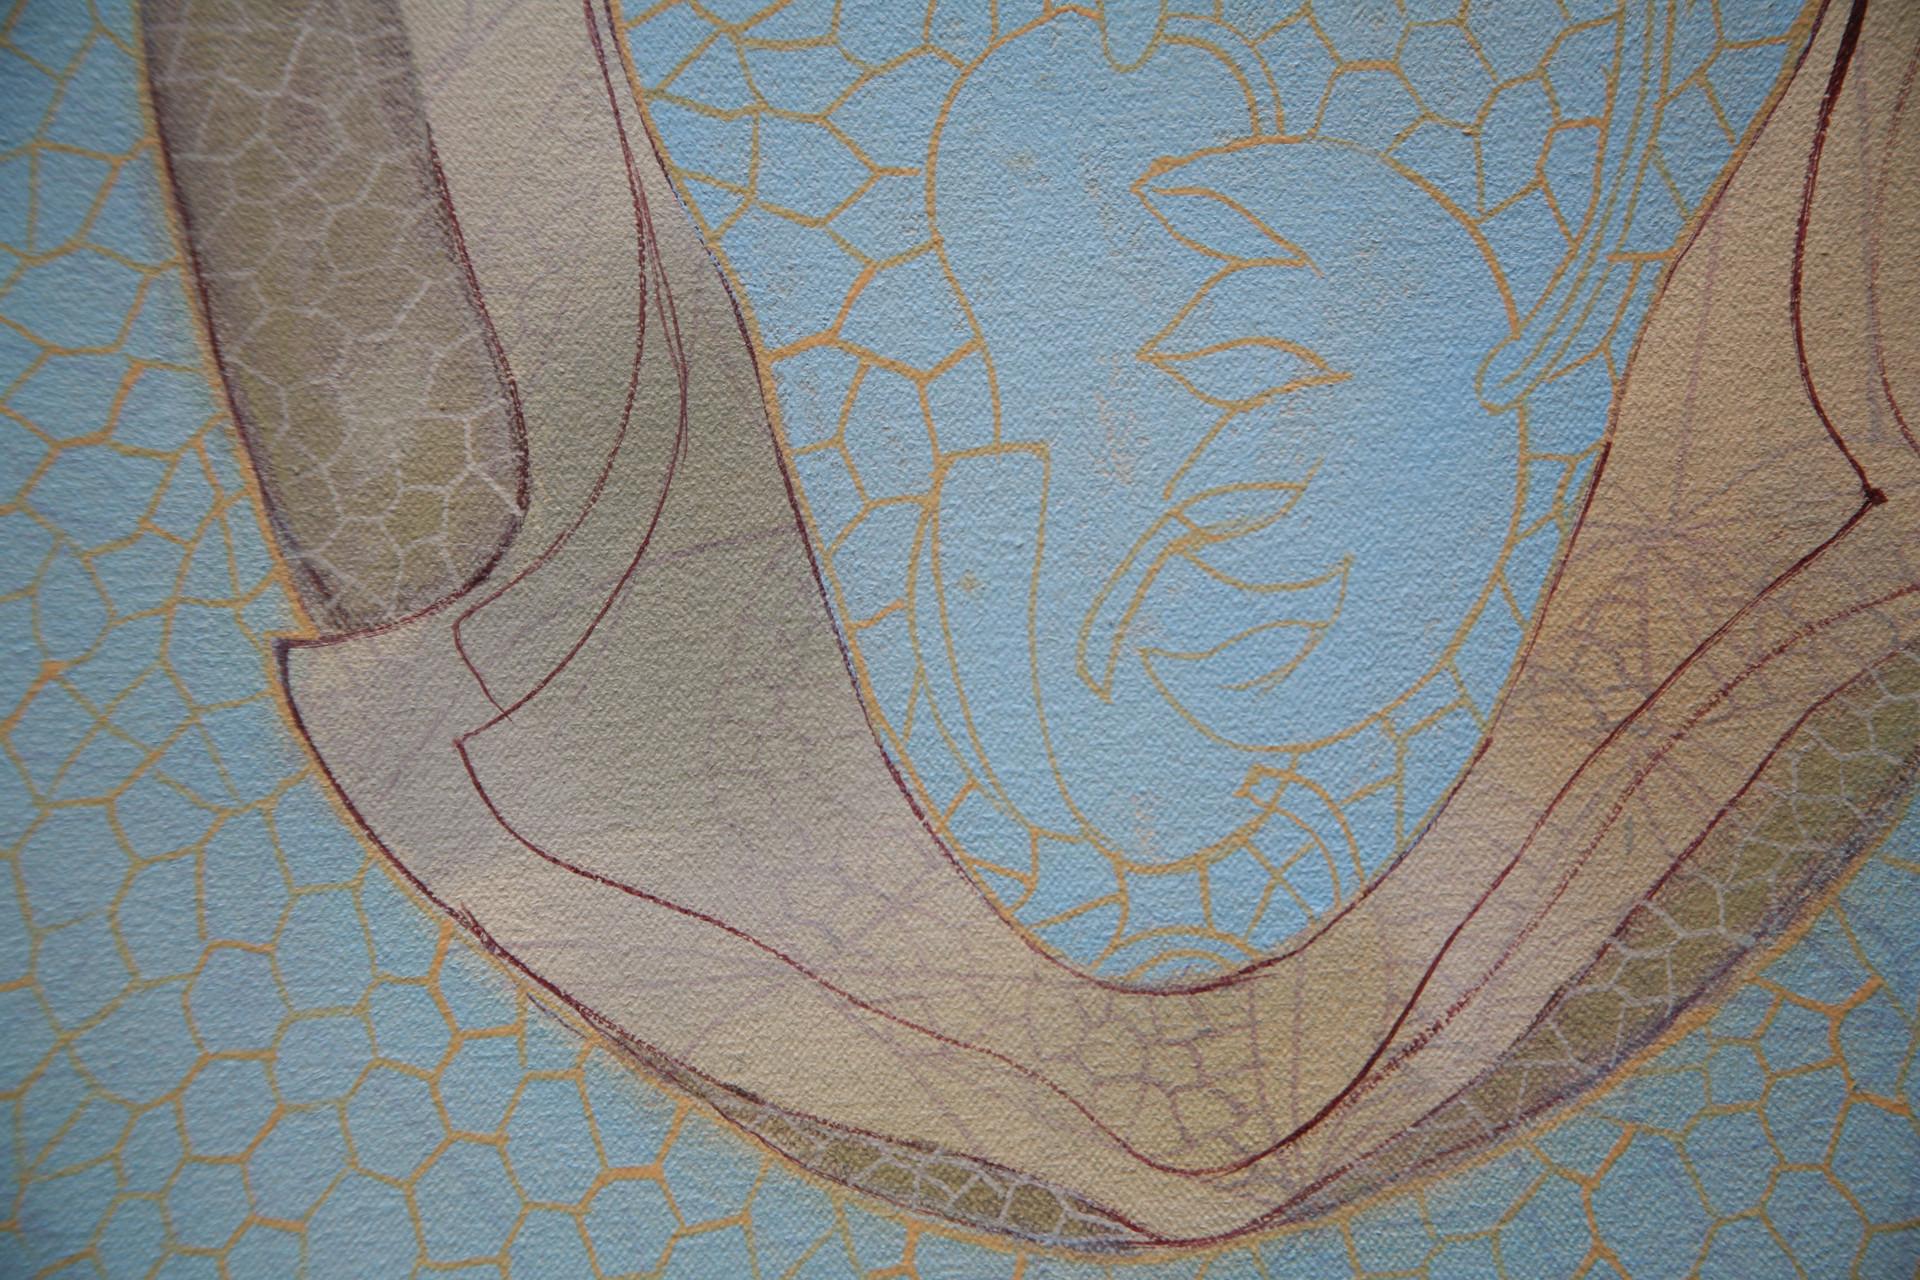 willemien de villiers | transparent ovule, detail | POA